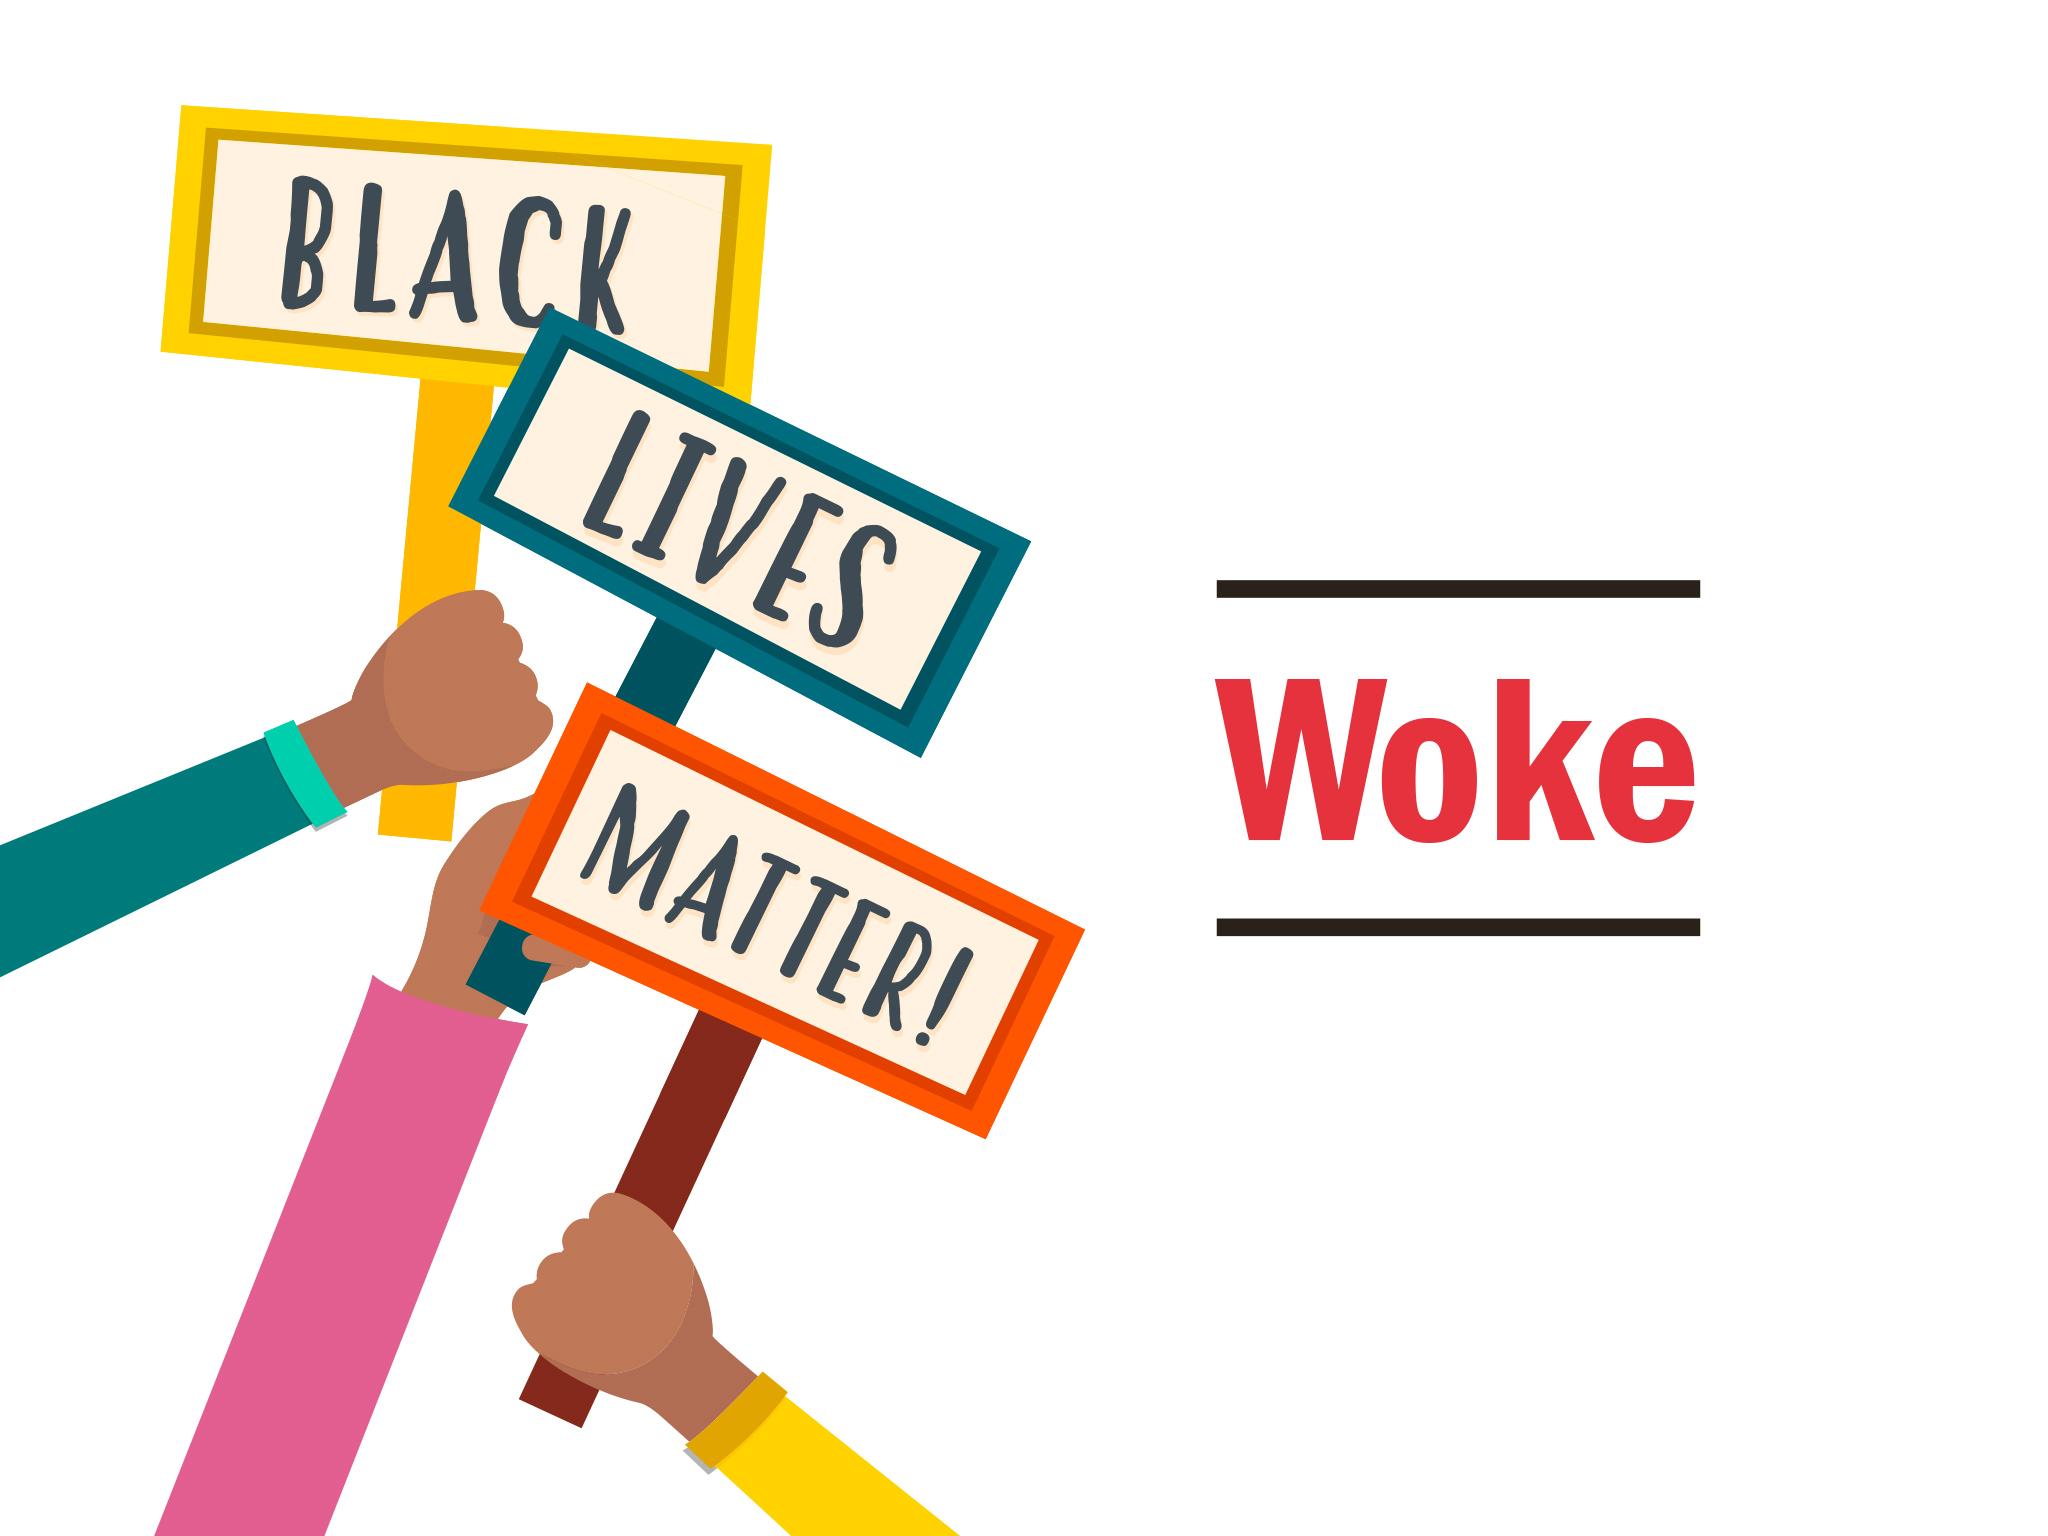 woke_english slang